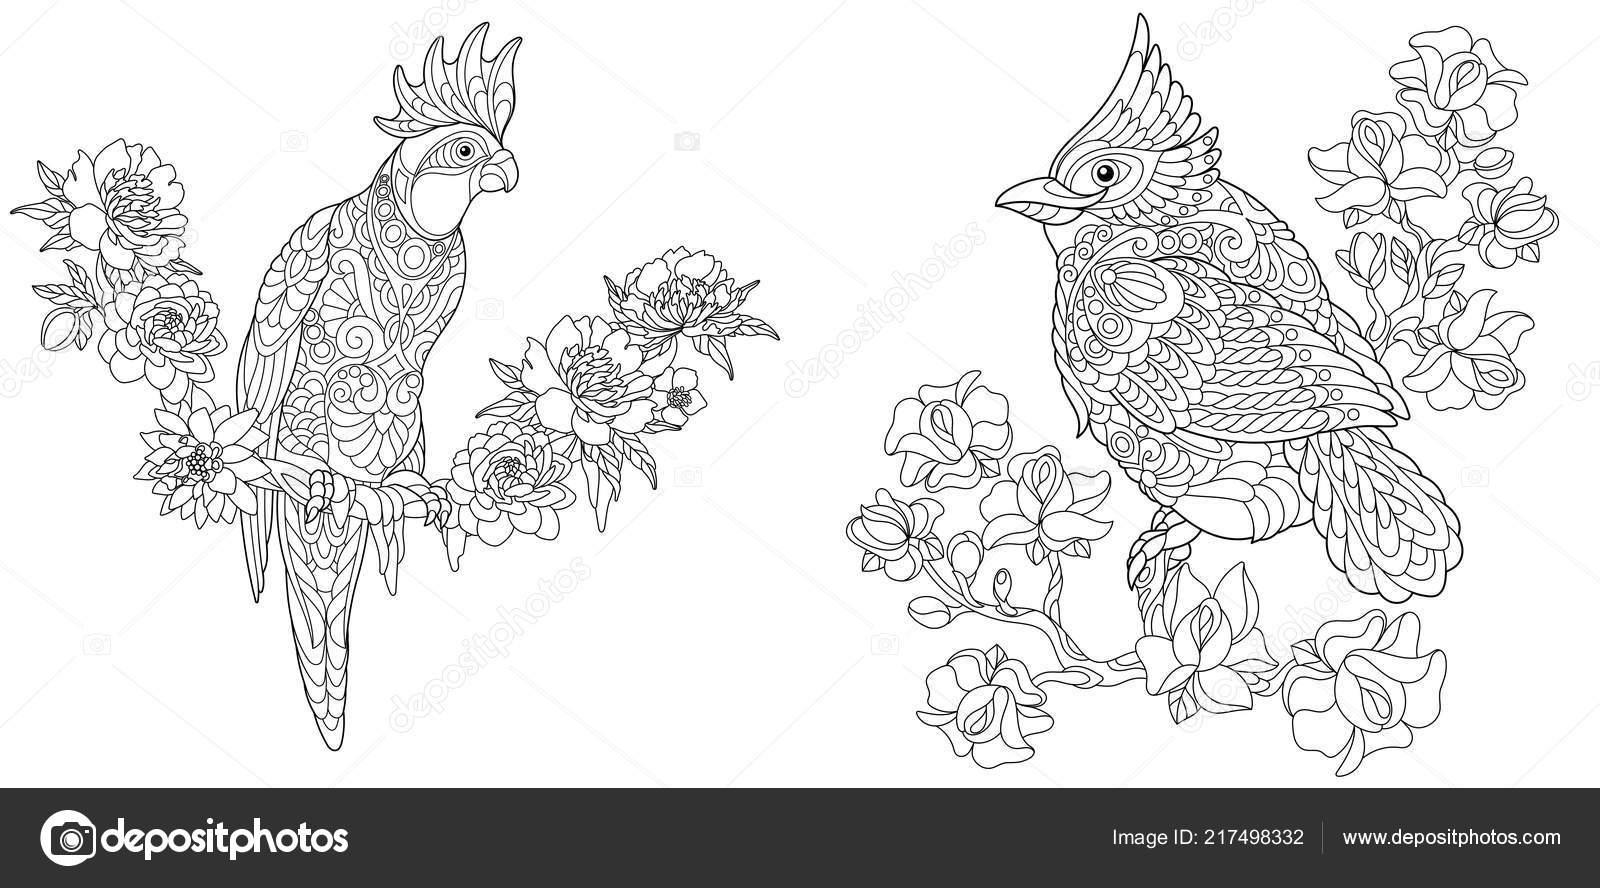 malvorlagen malbuch für erwachsene ausmalbilder mit kakadu